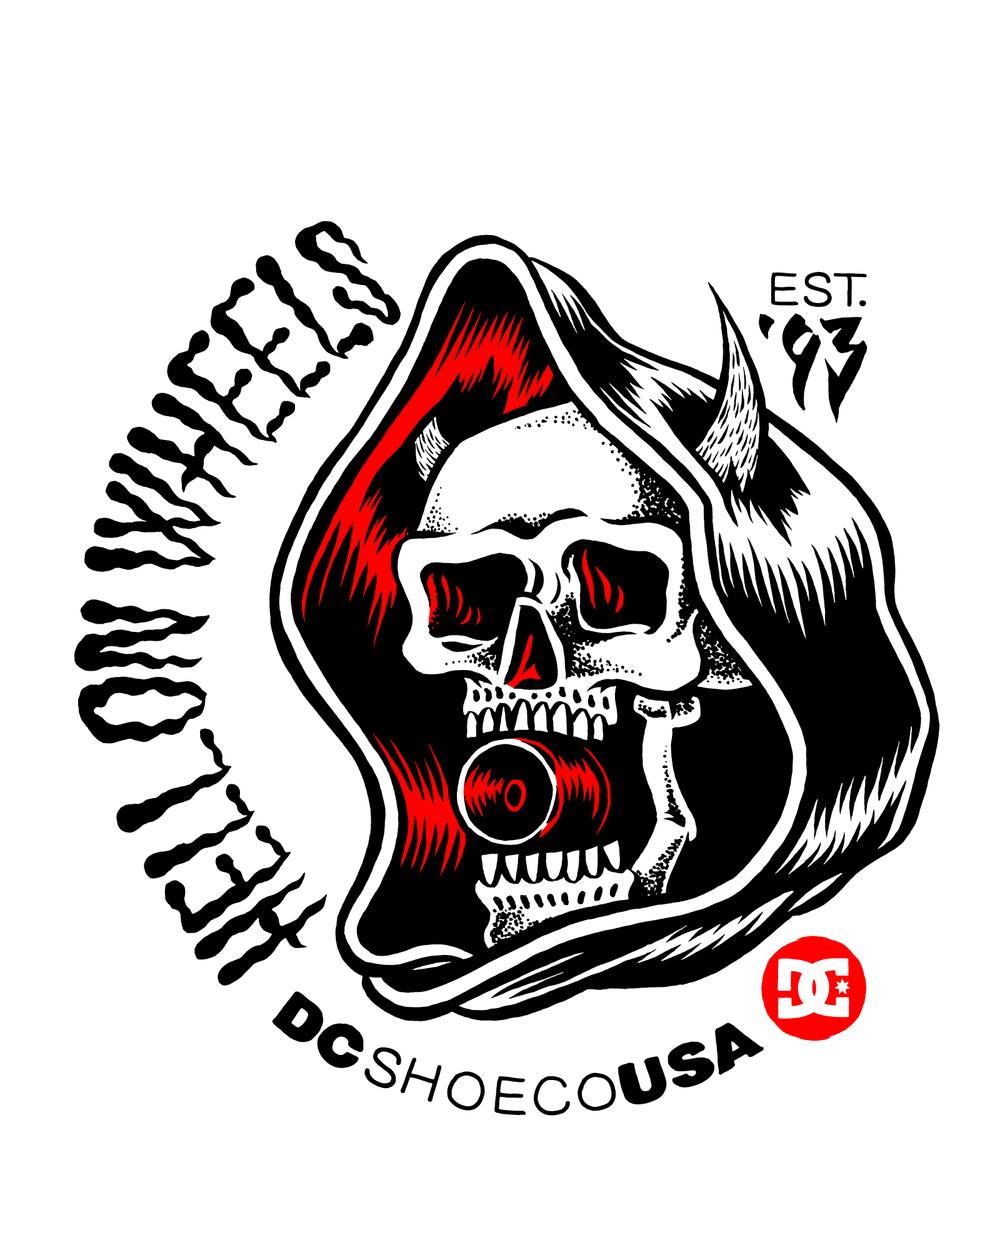 DC_HELLonWHEELS_OP1.png